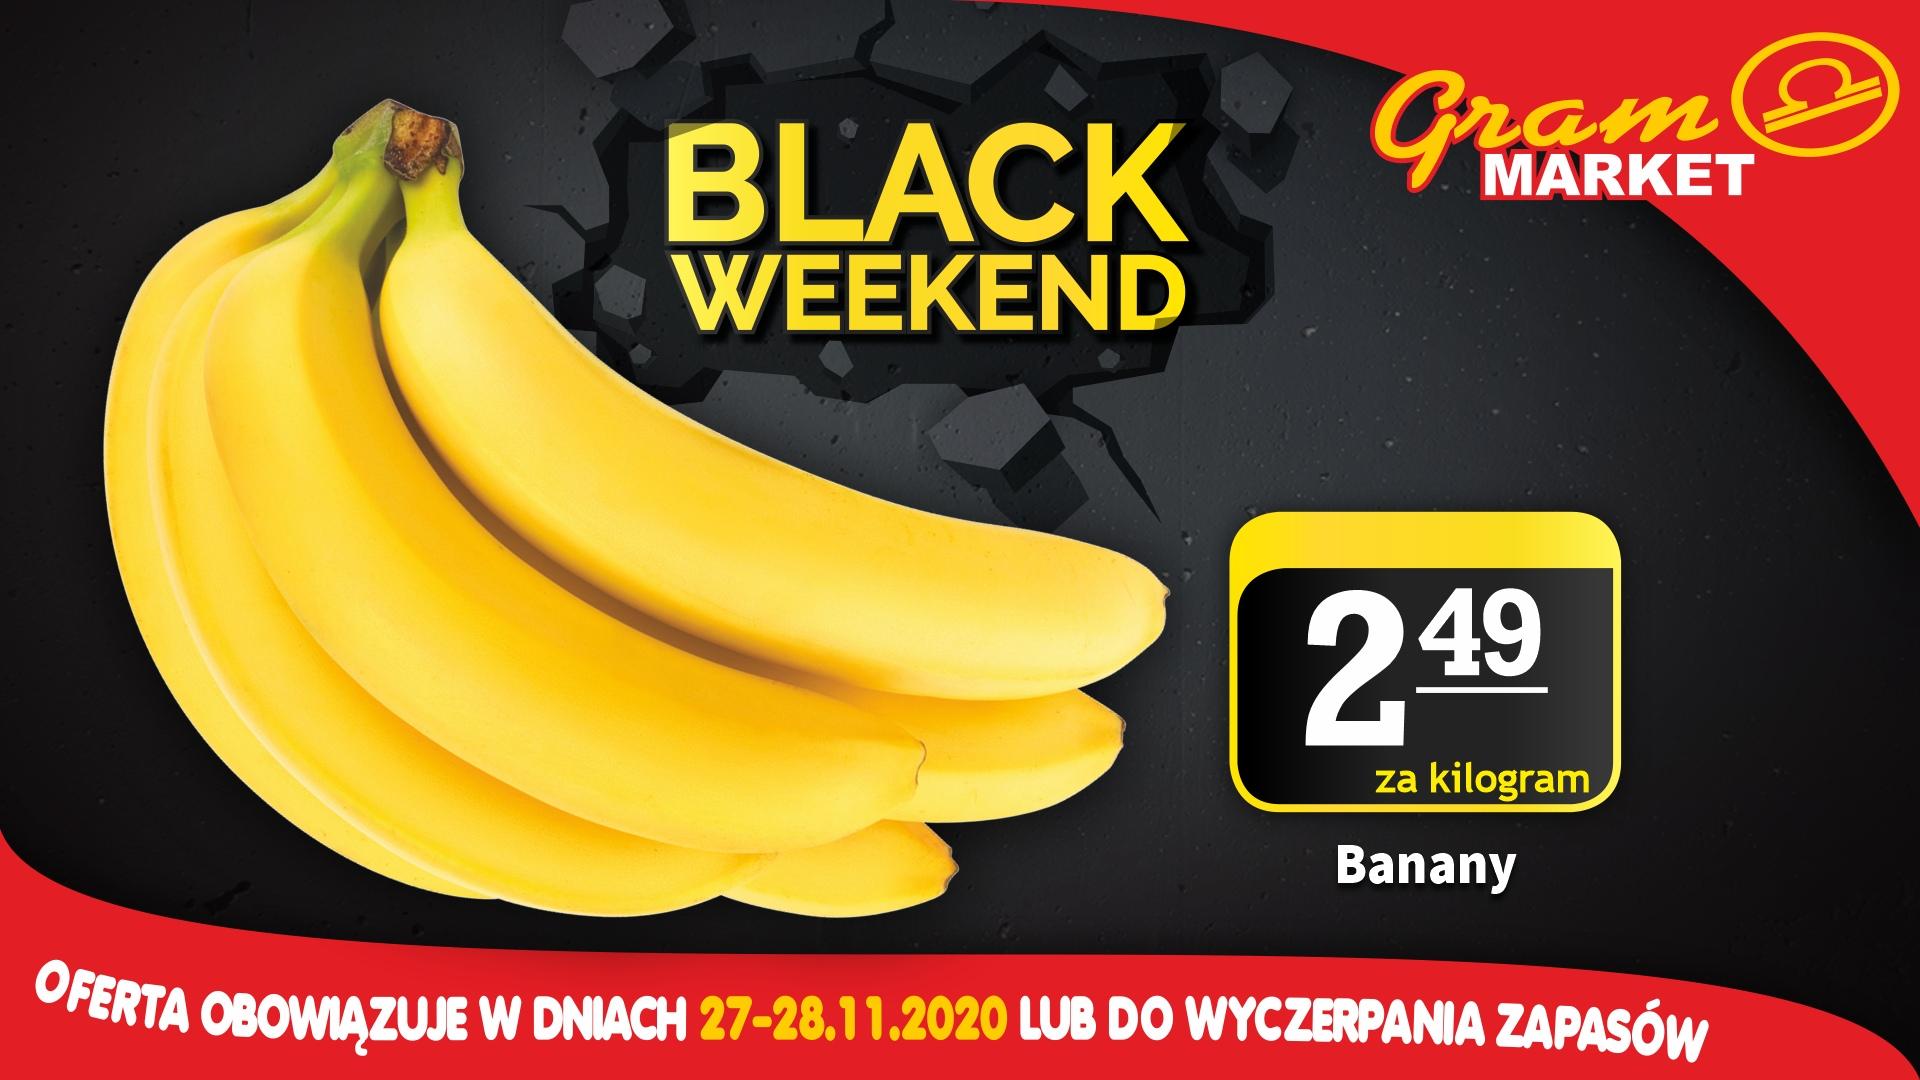 BLACK_WEEKEND-27-28.11.2020-2